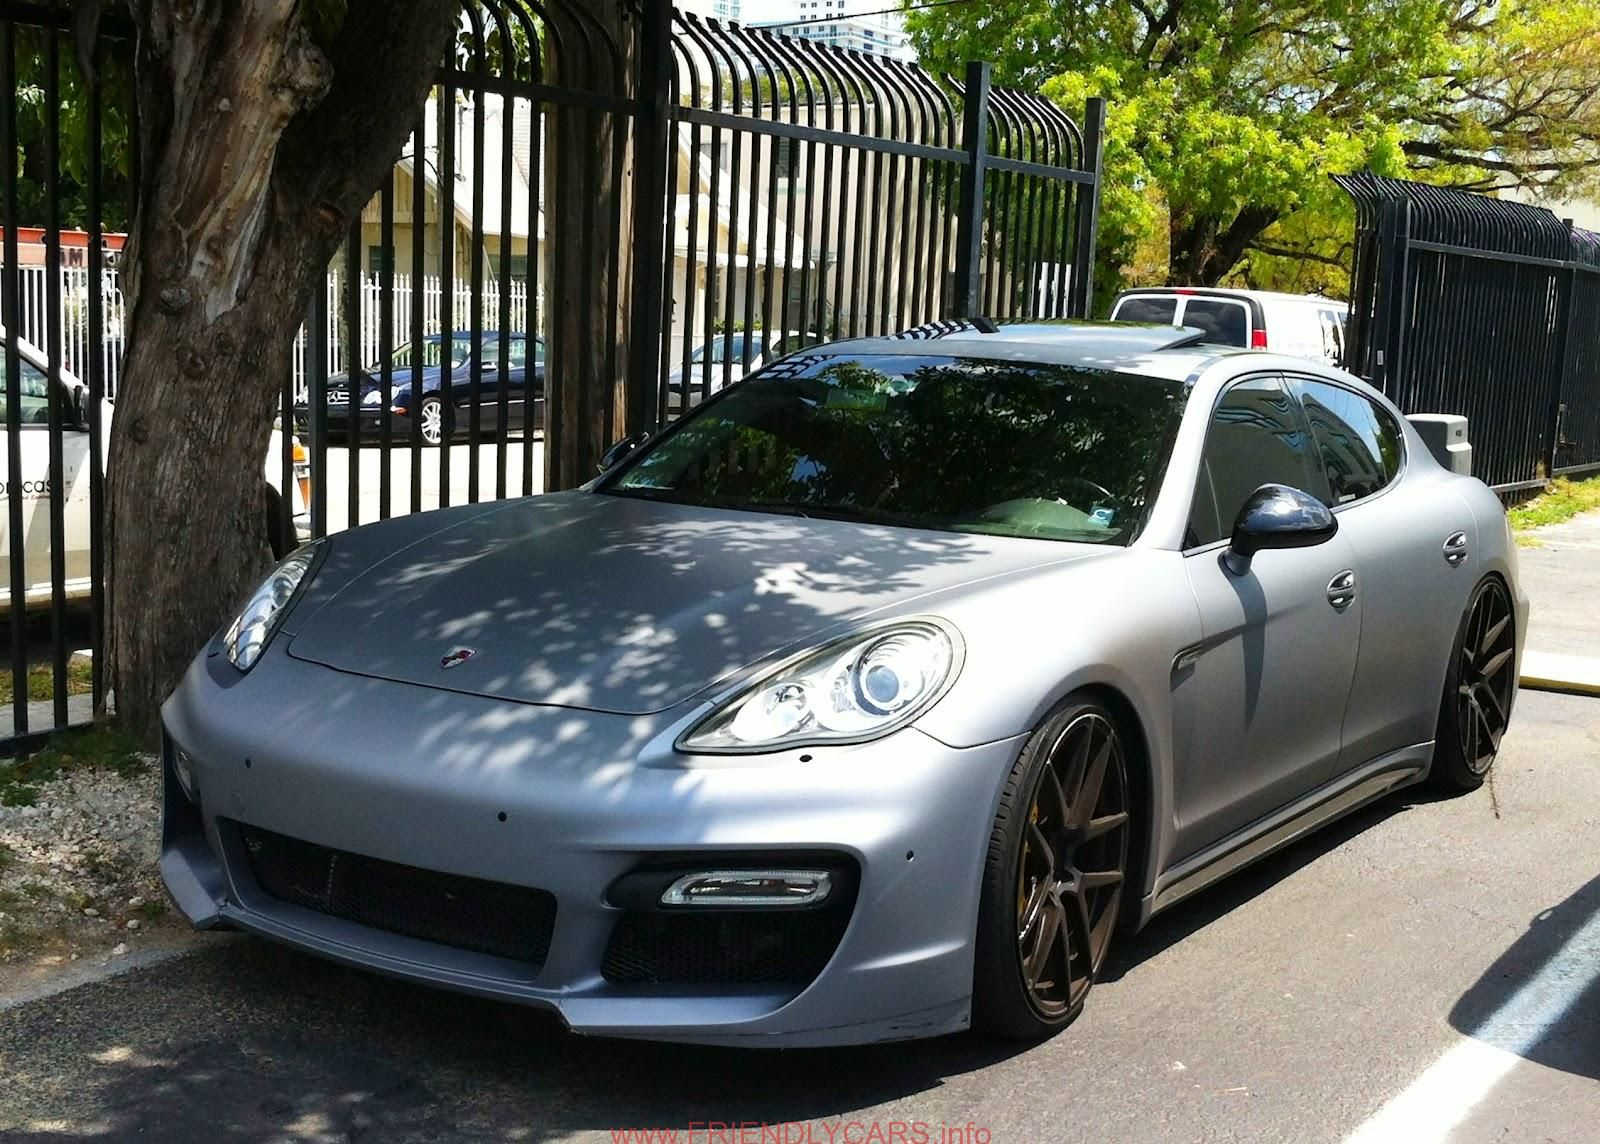 cool porsche panamera matte white car images hd porsche panamera matte silver gray with black rims